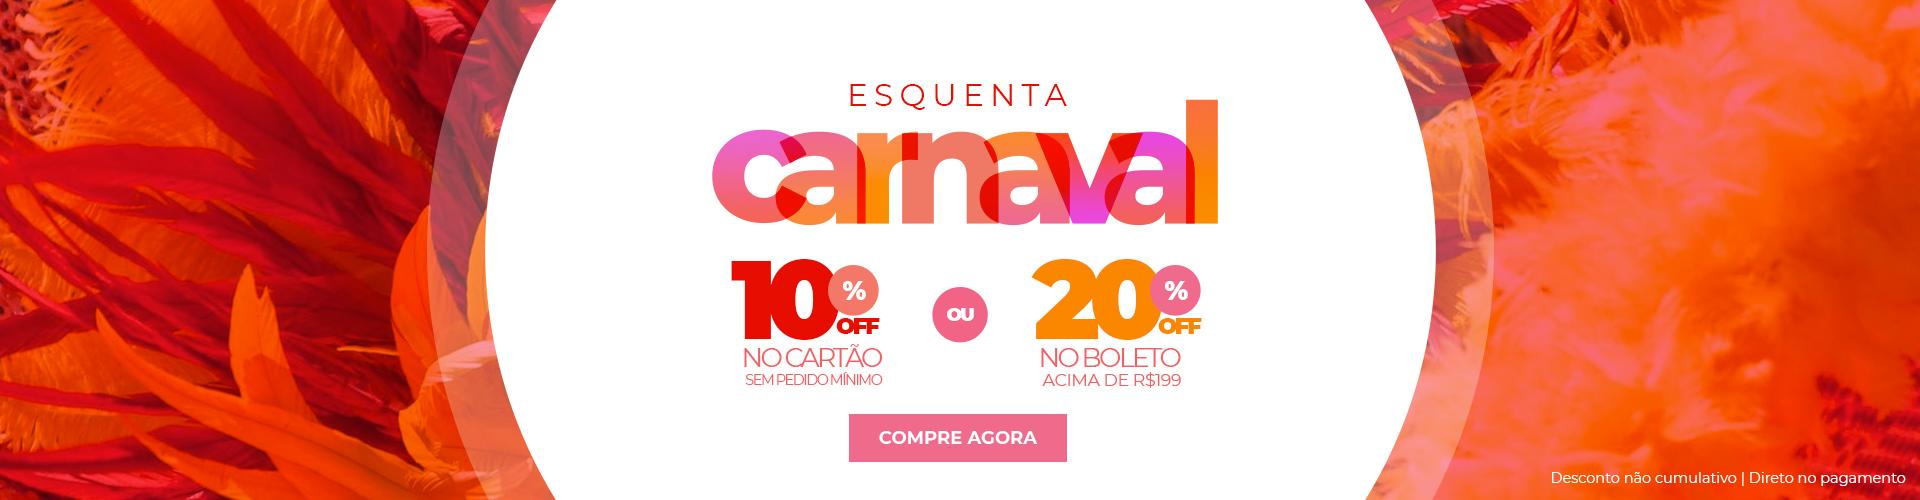 Esquenta Carnaval